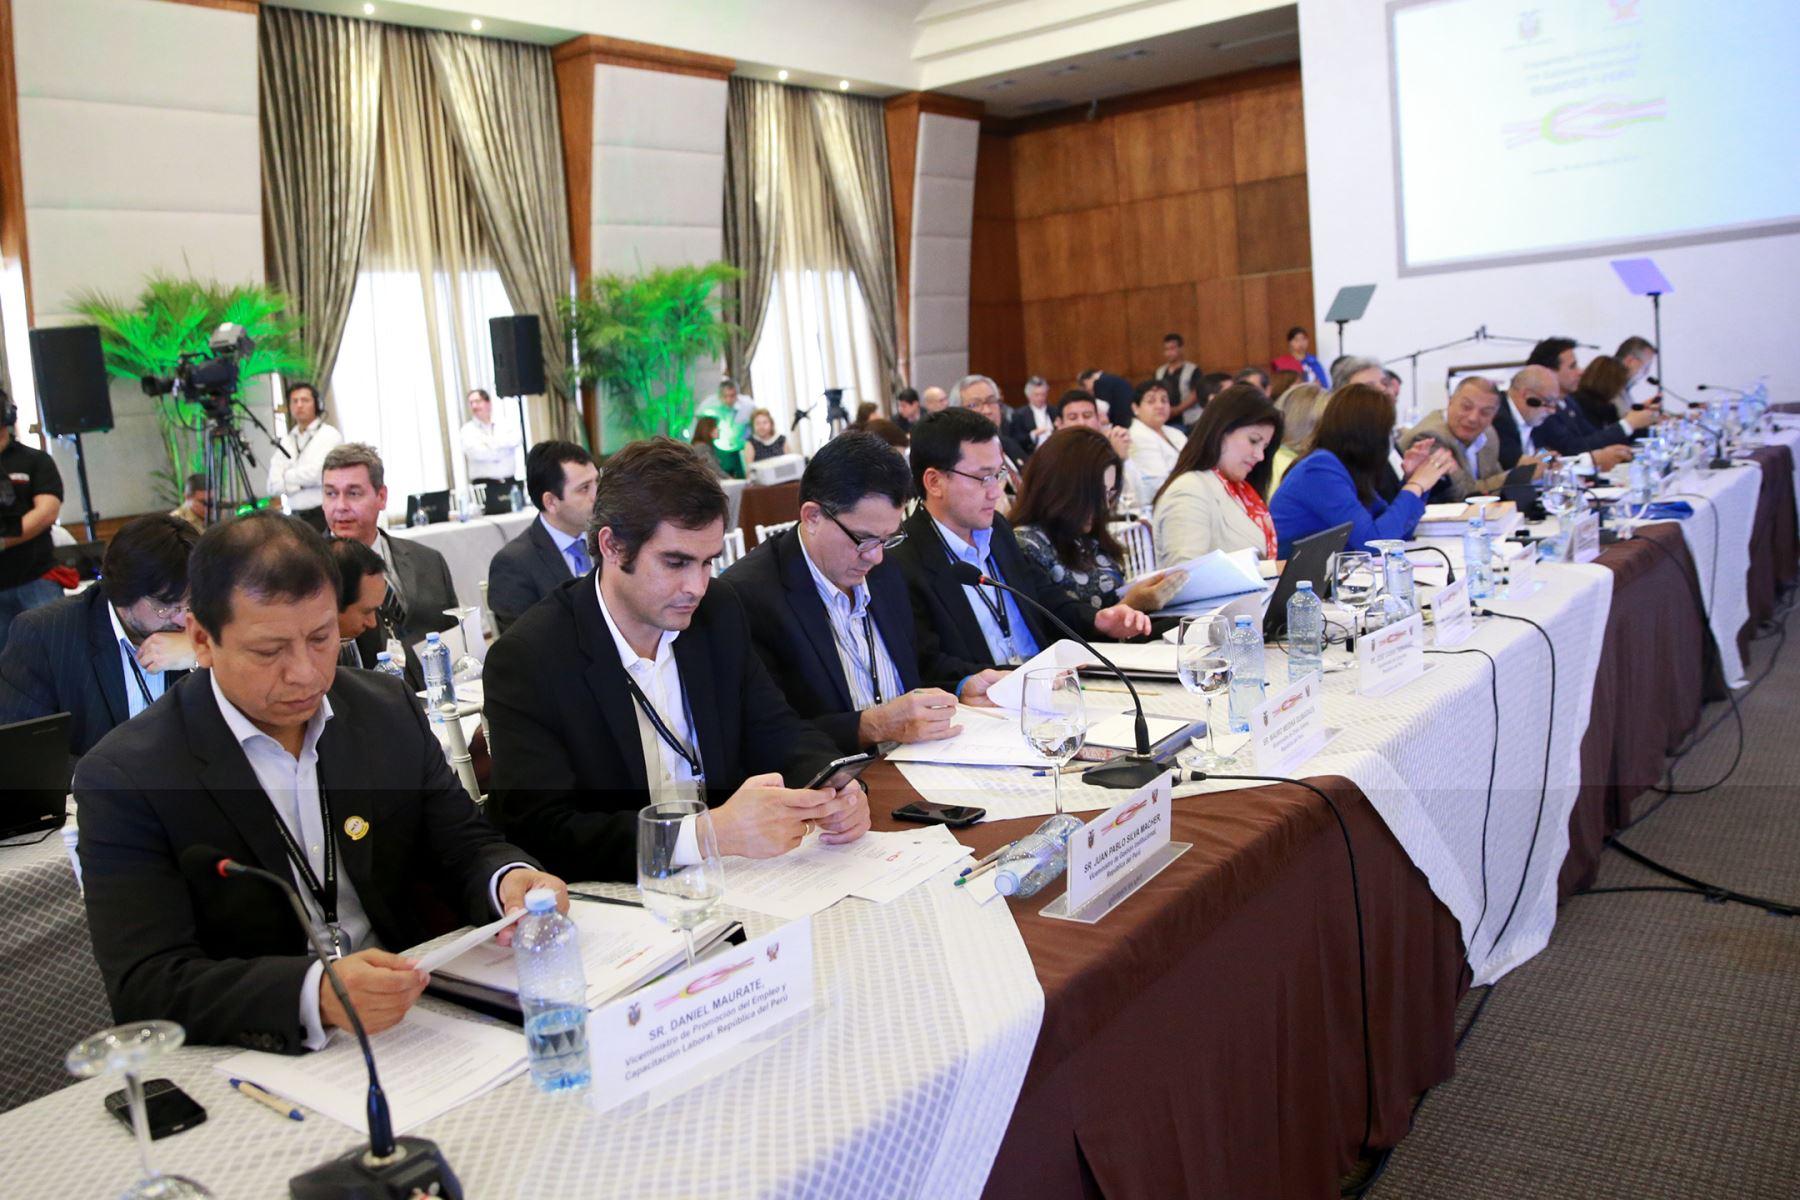 Presidente Ollanta Humala junto a s homologo de ecuador.Rafael Correa,participa en VIII Gabinete Binacional Perú-Ecuador en Arenillas, Ecuador.Foto: ANDINA/Prensa Presidencia